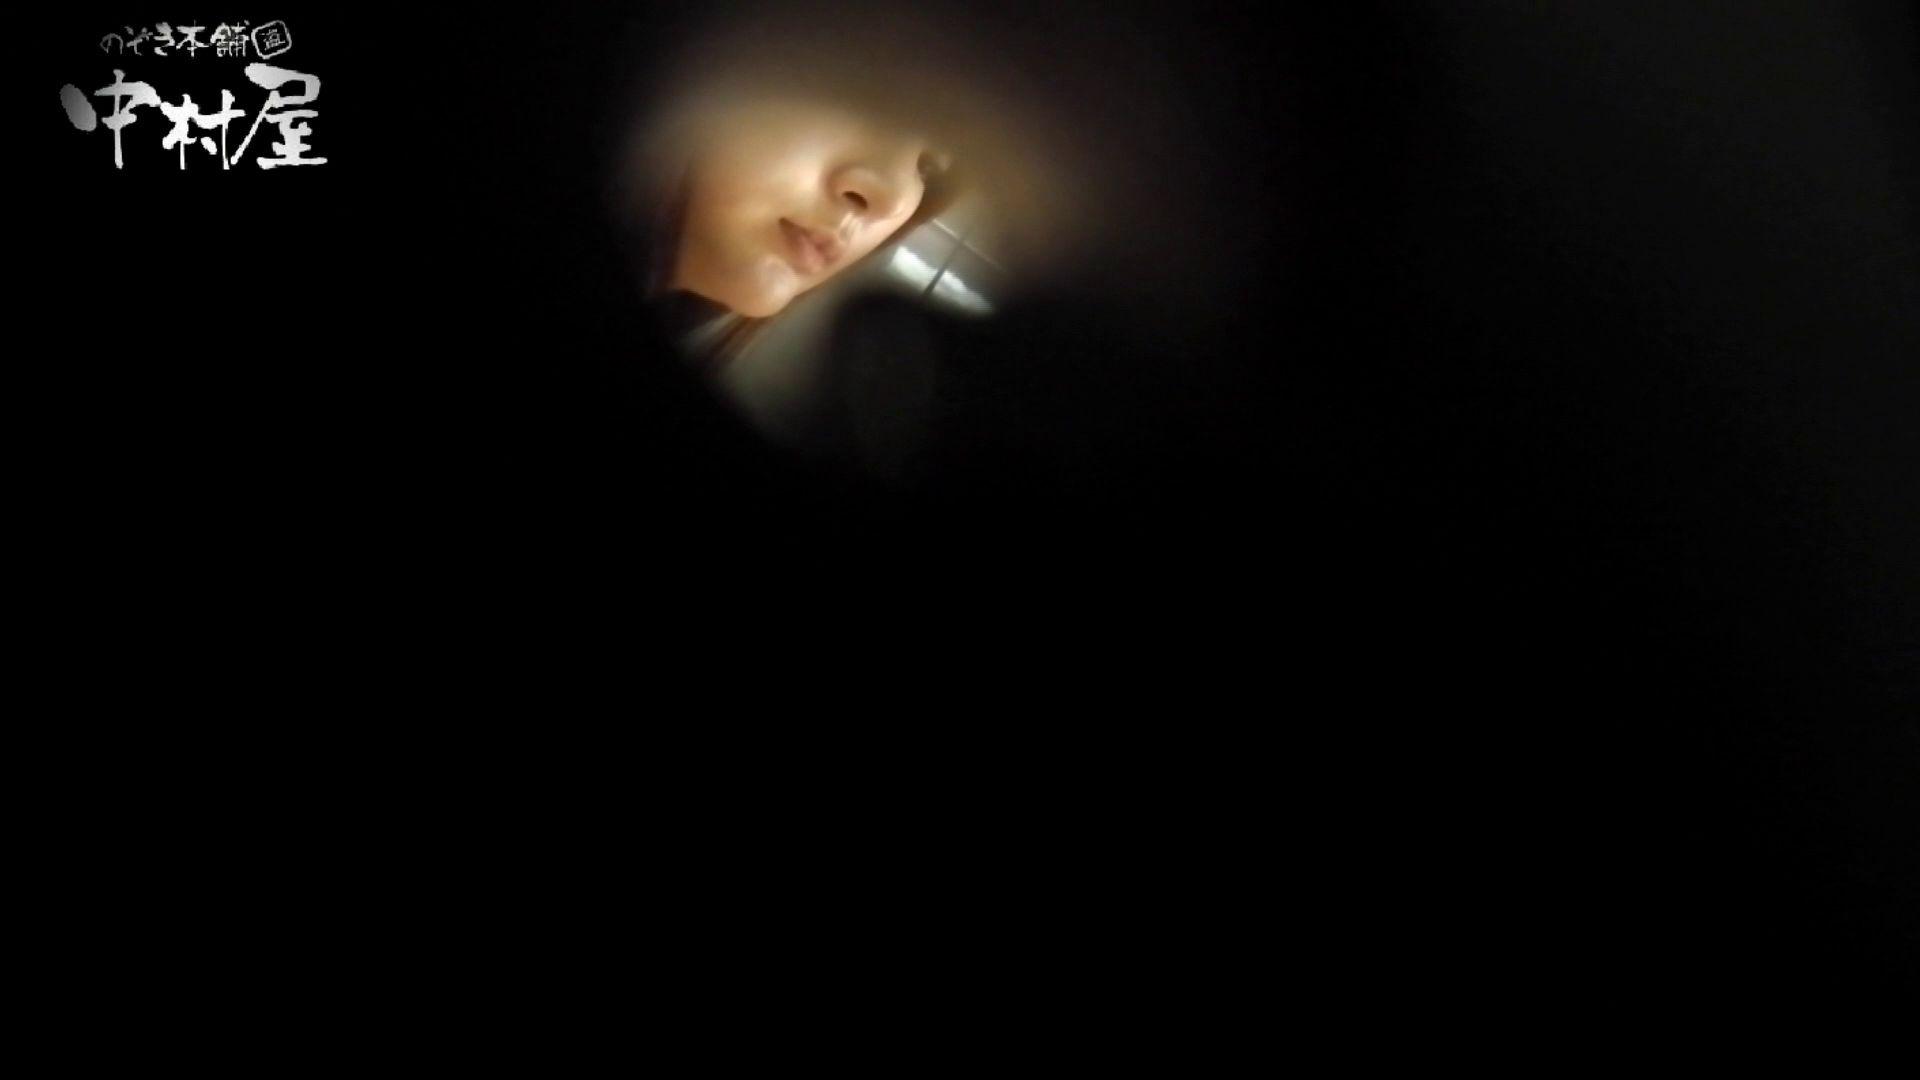 【世界の射窓から~ステーション編~】ステーション編 vol52 我慢して個室に入ったら。||:-)!! 盗撮特集 | おまんこ  79画像 57